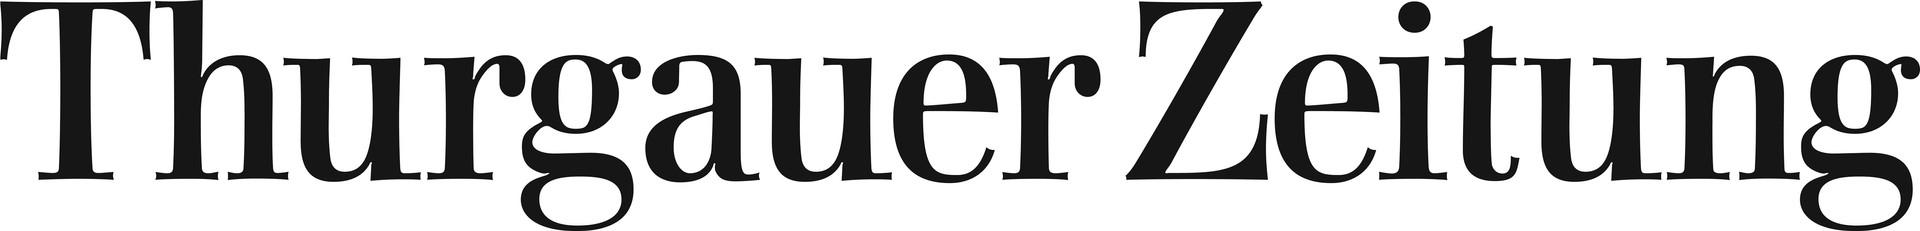 Logo_Thurgauer Zeitung.jpg